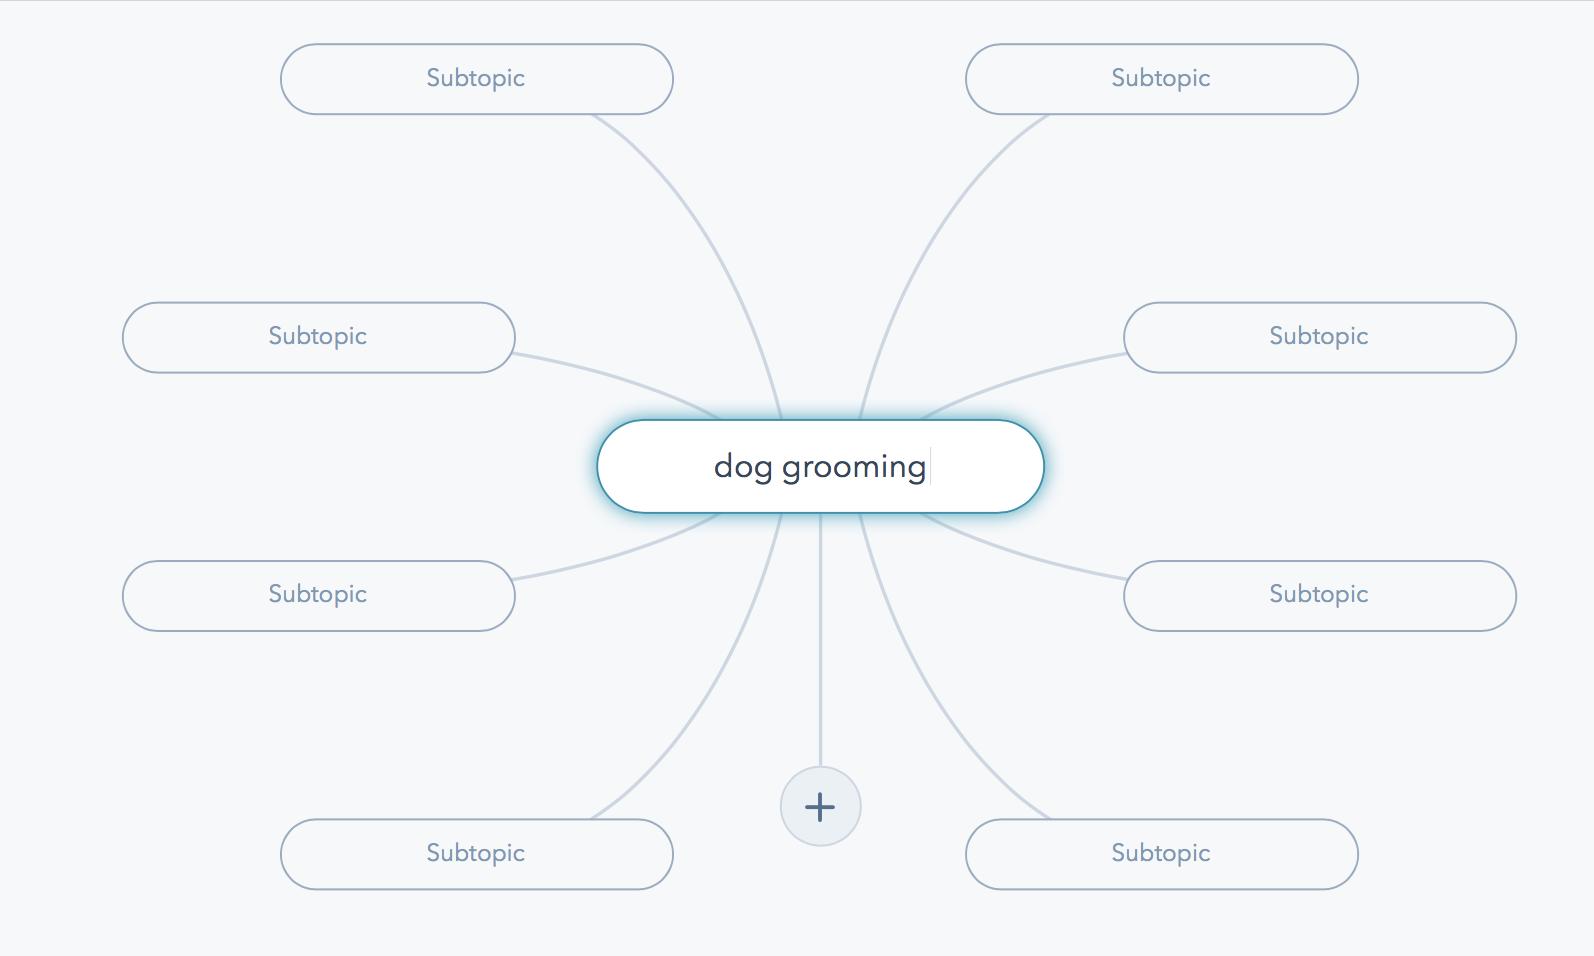 dog grooming hubspot pillar content strategy